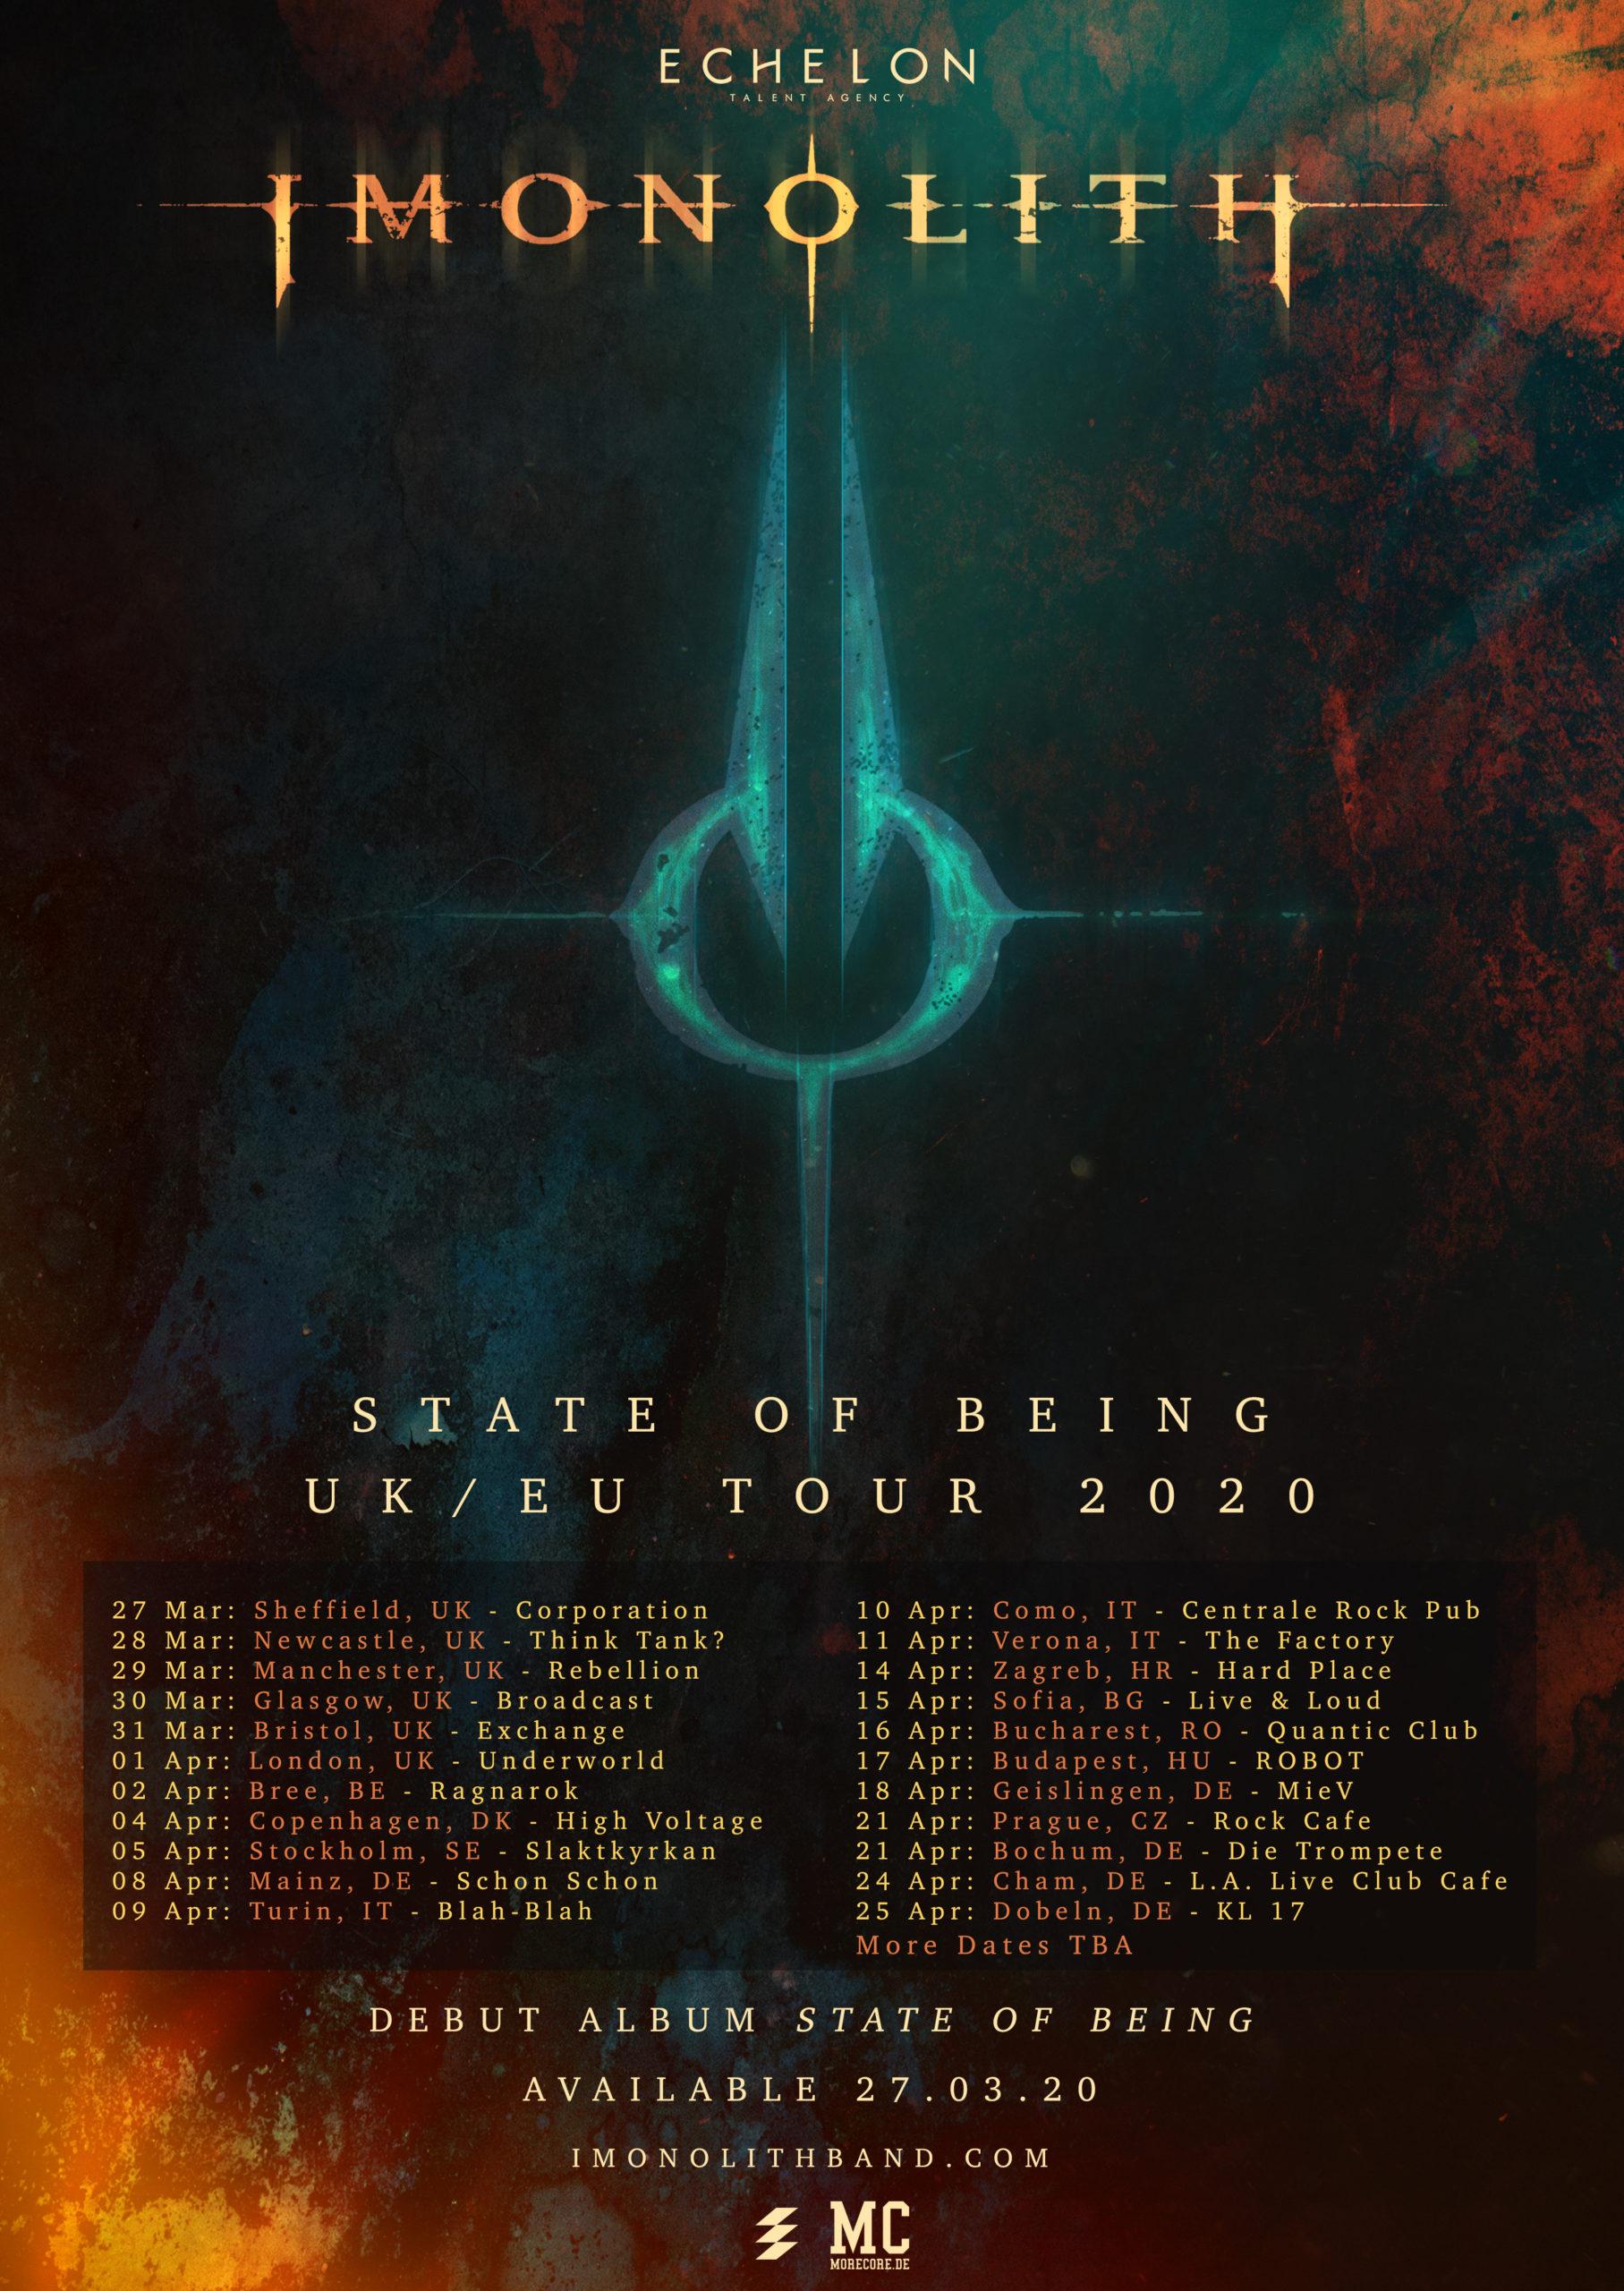 Imonolith Tour 2020